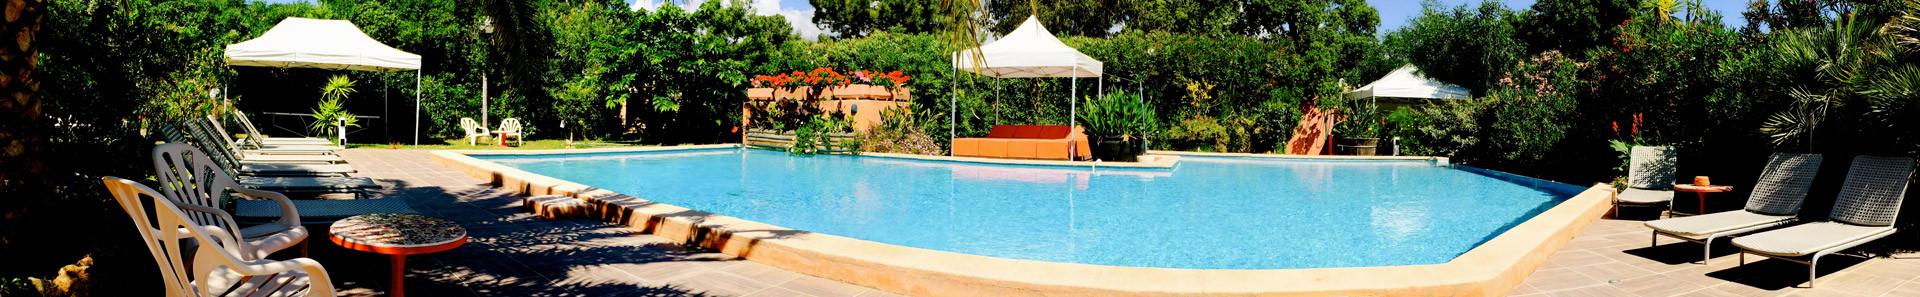 villa piscine corse du sud